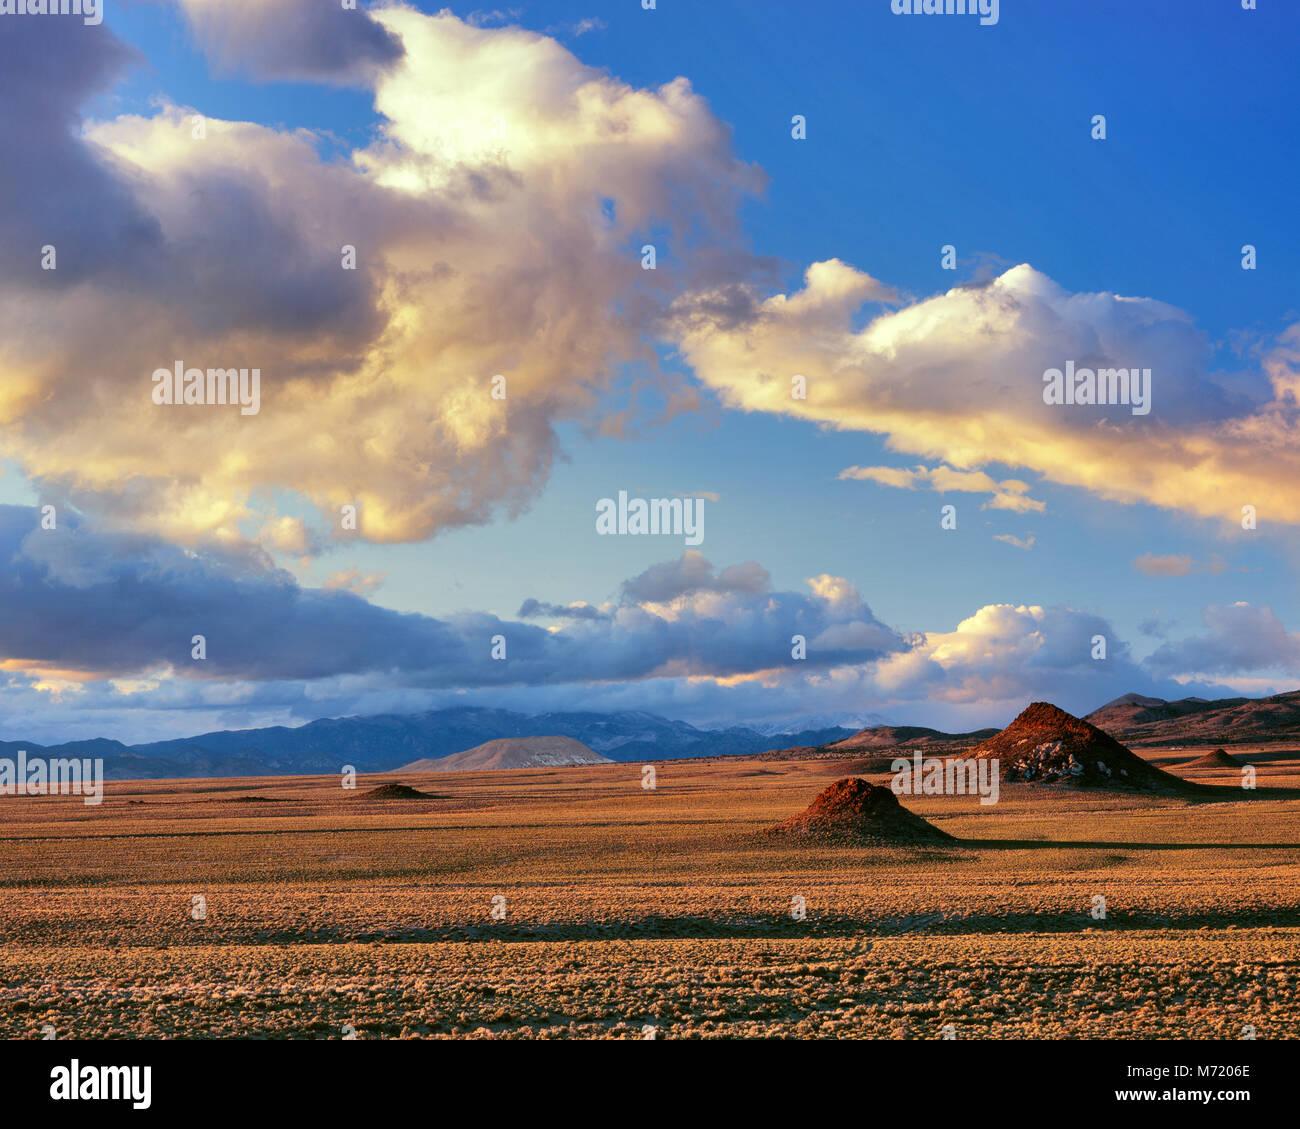 Sunset, Monitor Valley, Toquima Range, Toiyabe National Forest, Nevada - Stock Image